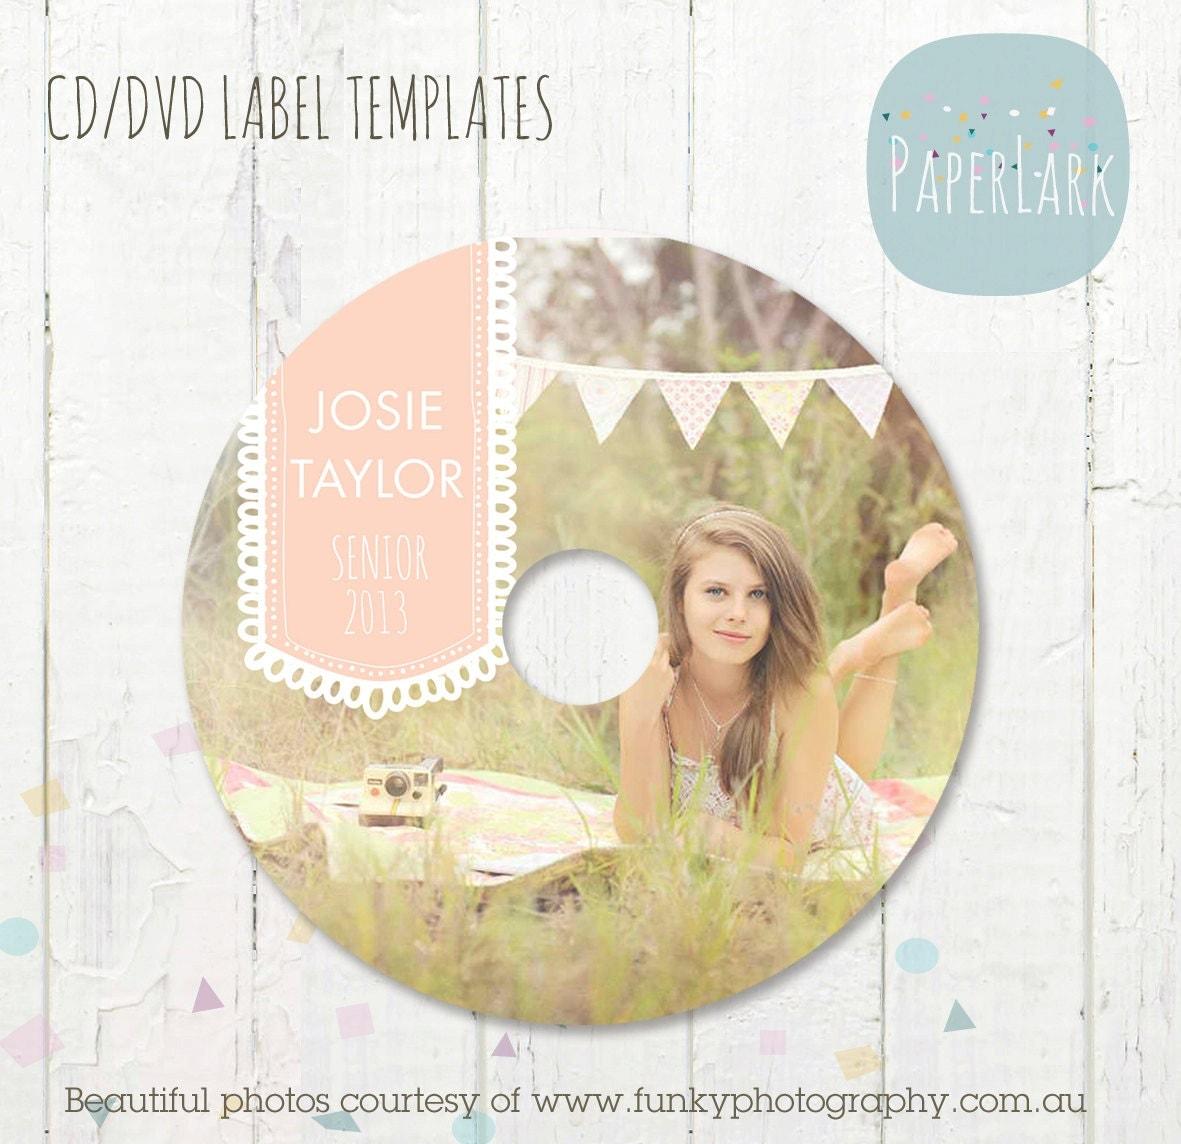 cd dvd label photoshop template es002 instant download. Black Bedroom Furniture Sets. Home Design Ideas